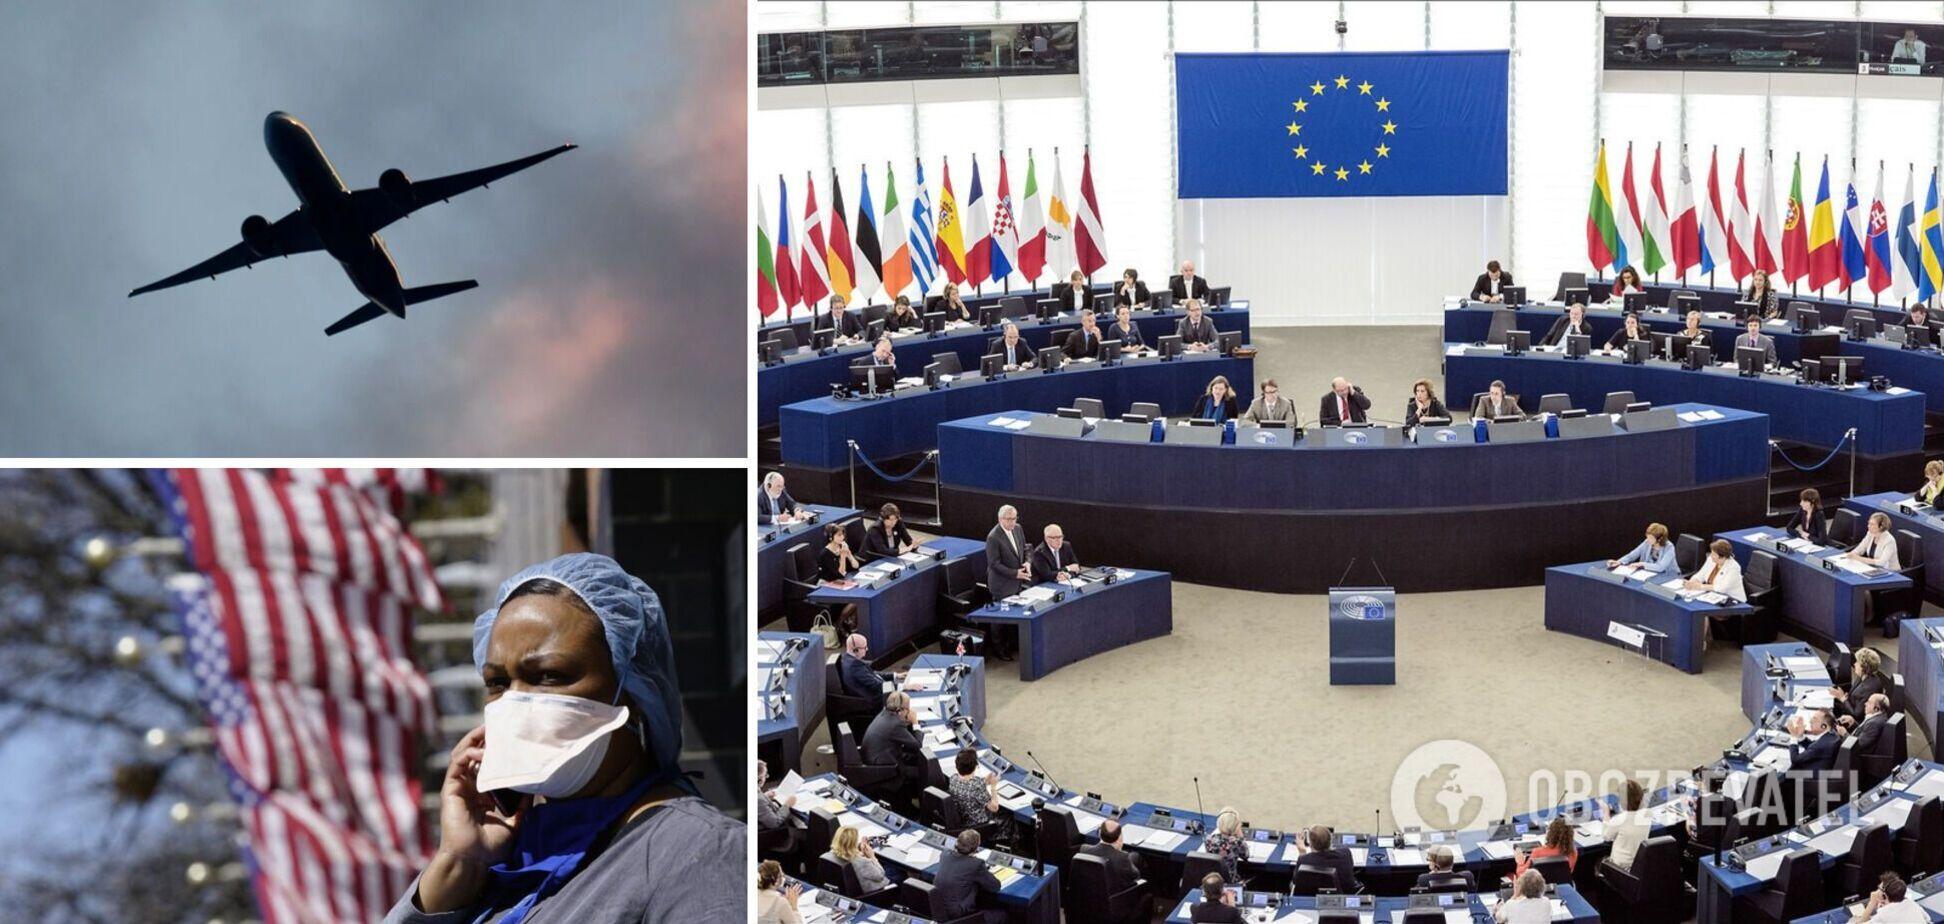 ЕС ввел ограничения на въезд из США и ряда других стран: кто попал в список